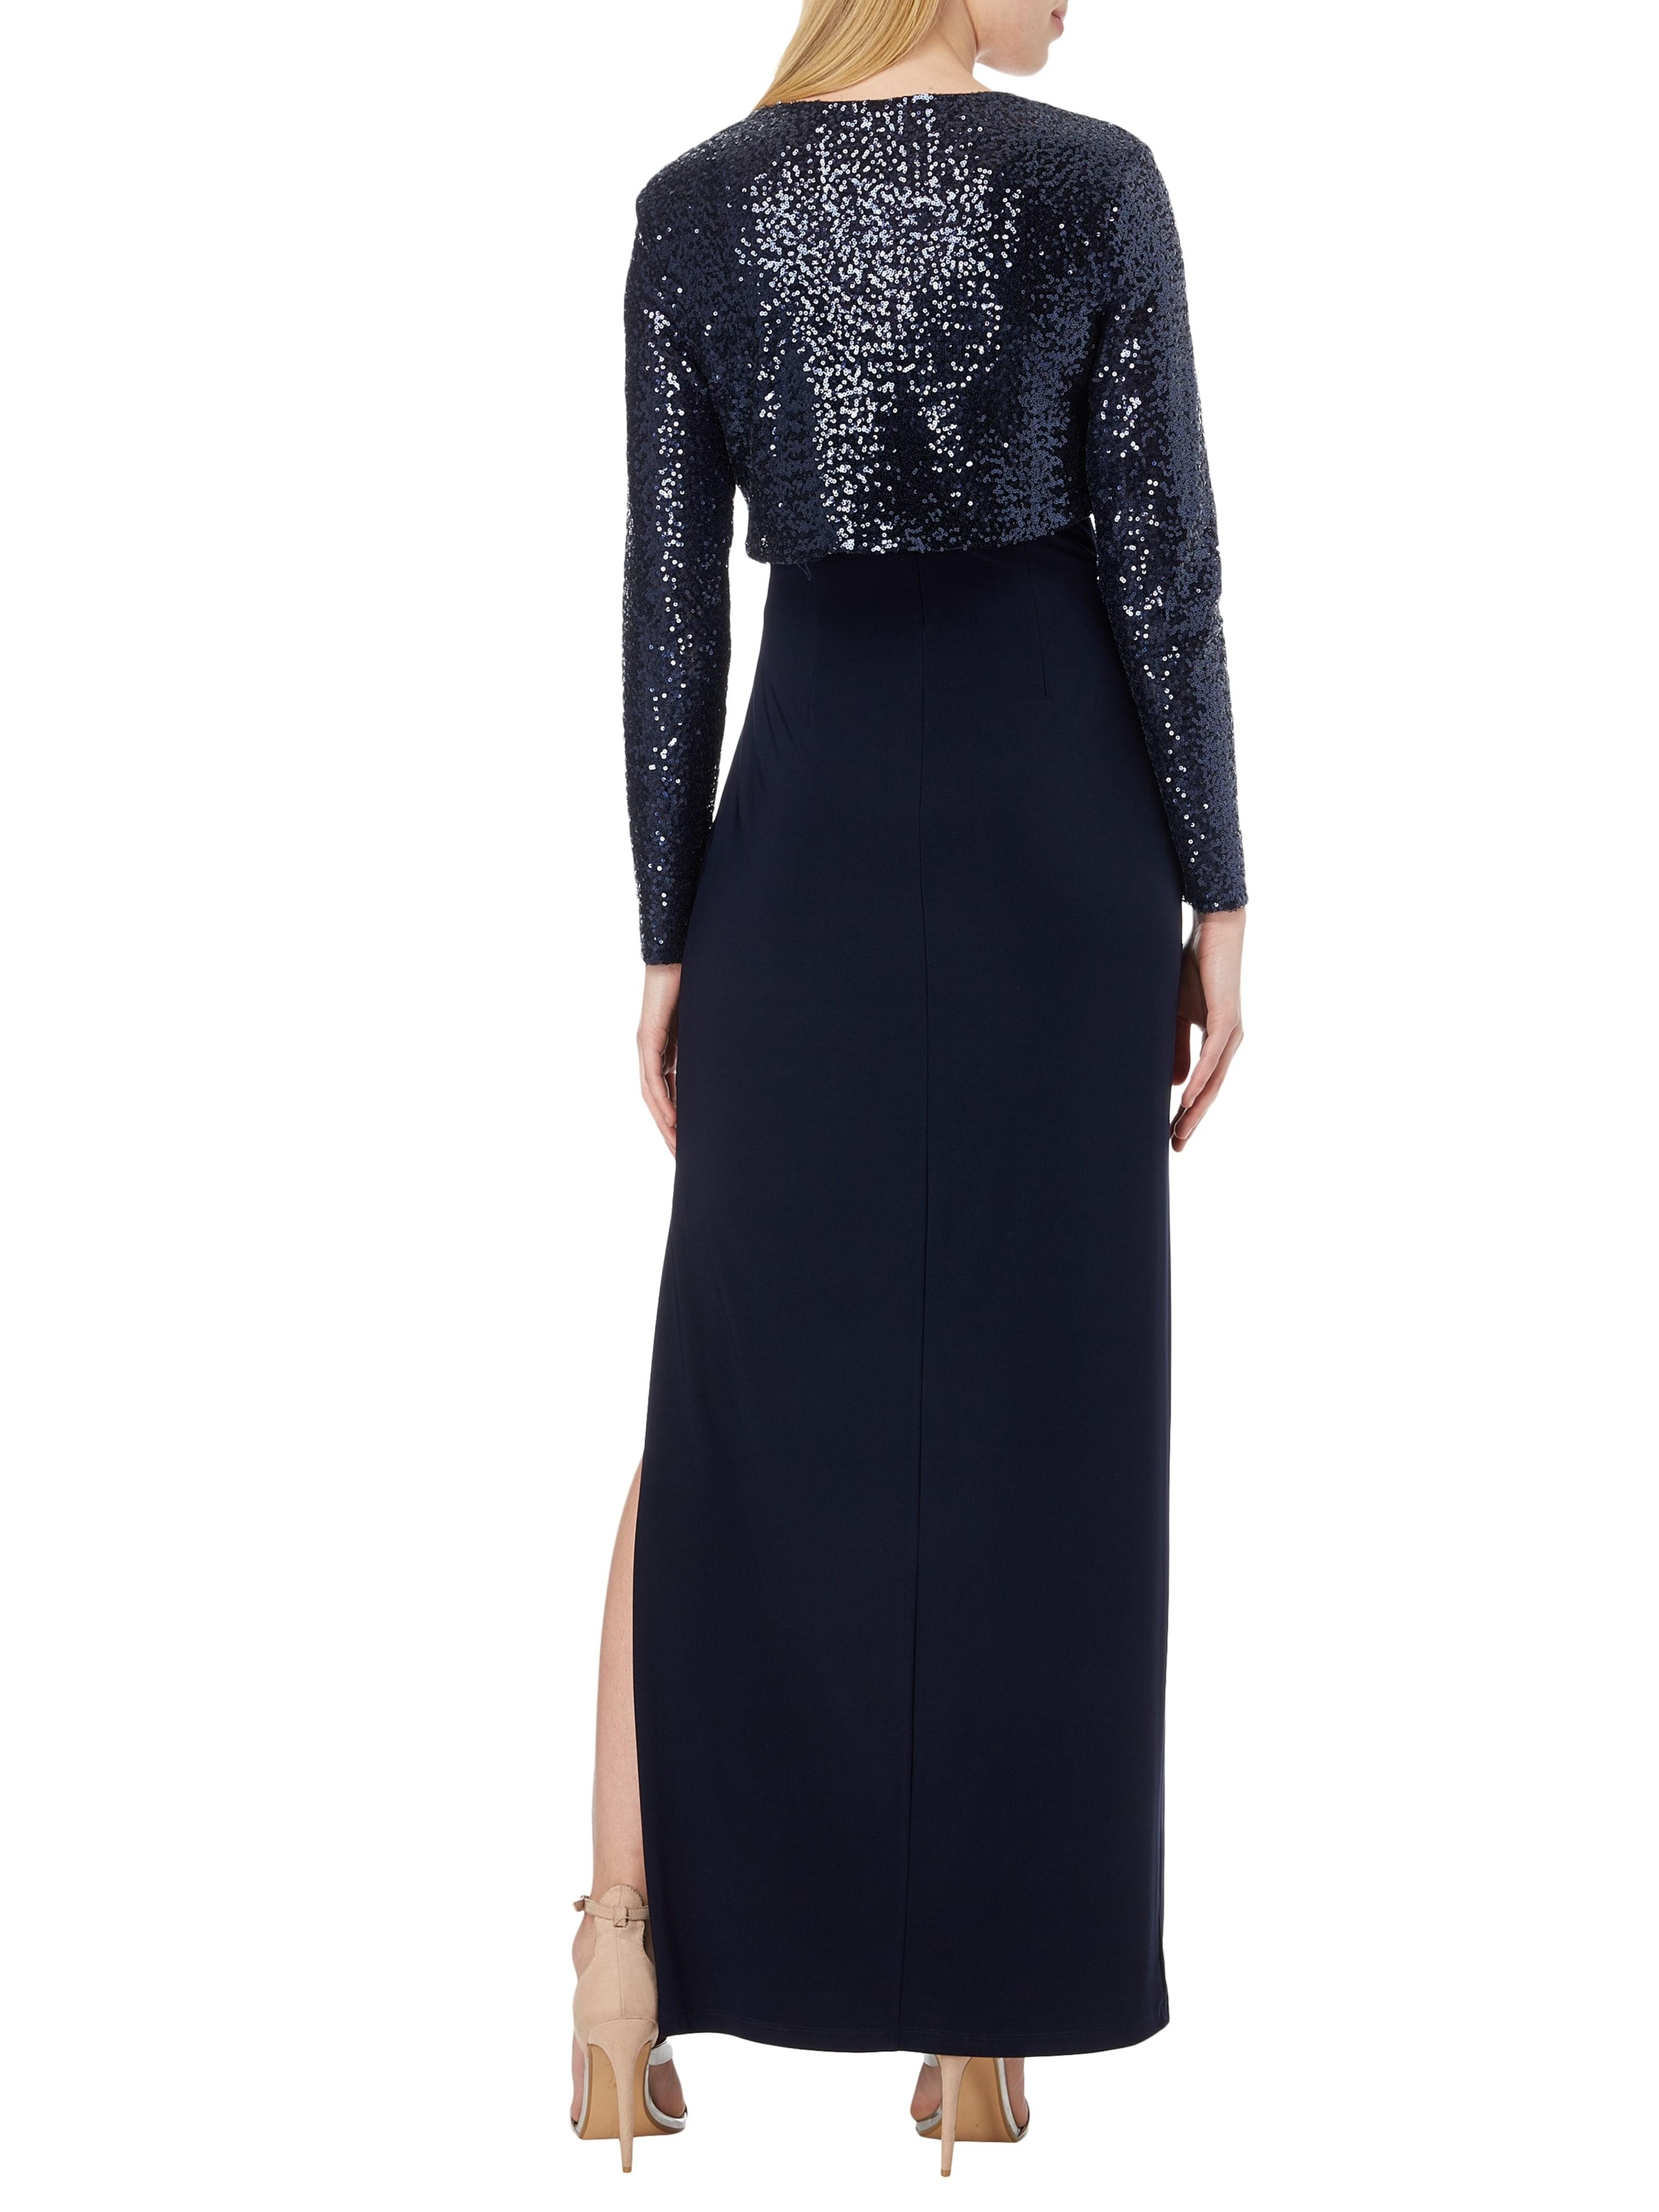 17 Luxus Abendkleid Billig Vertrieb13 Coolste Abendkleid Billig Bester Preis